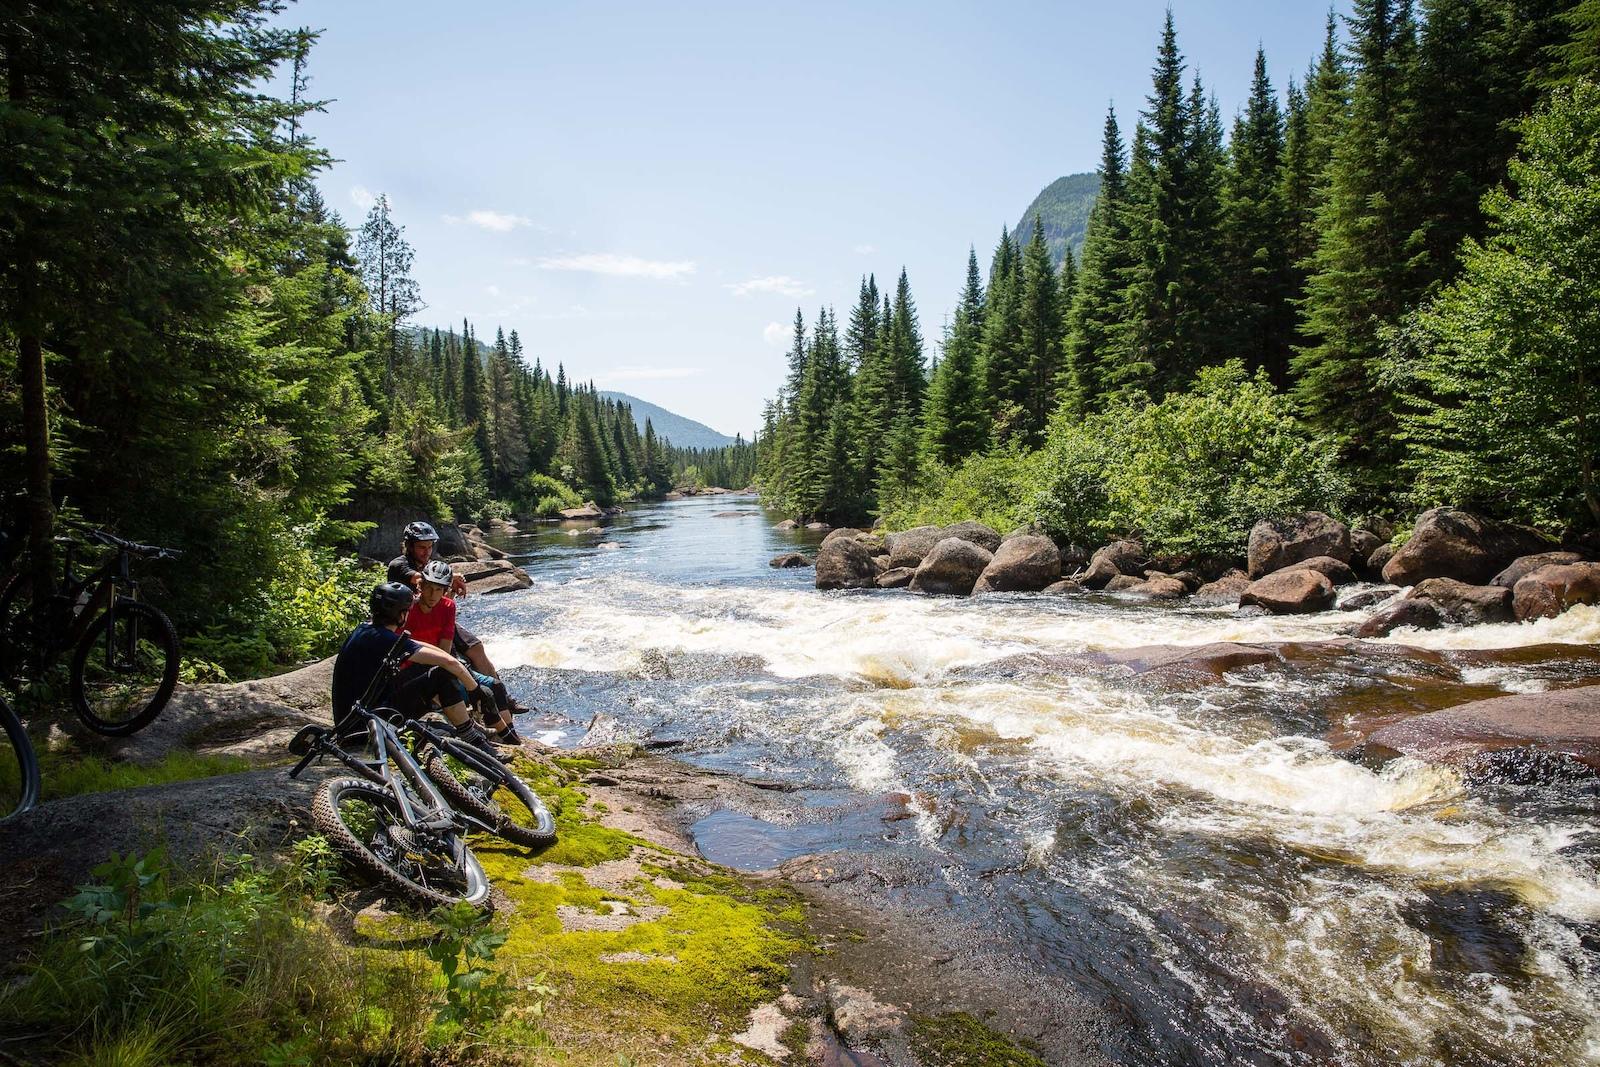 Trailside riverbank breaks. PHOTO Ben Gavelda